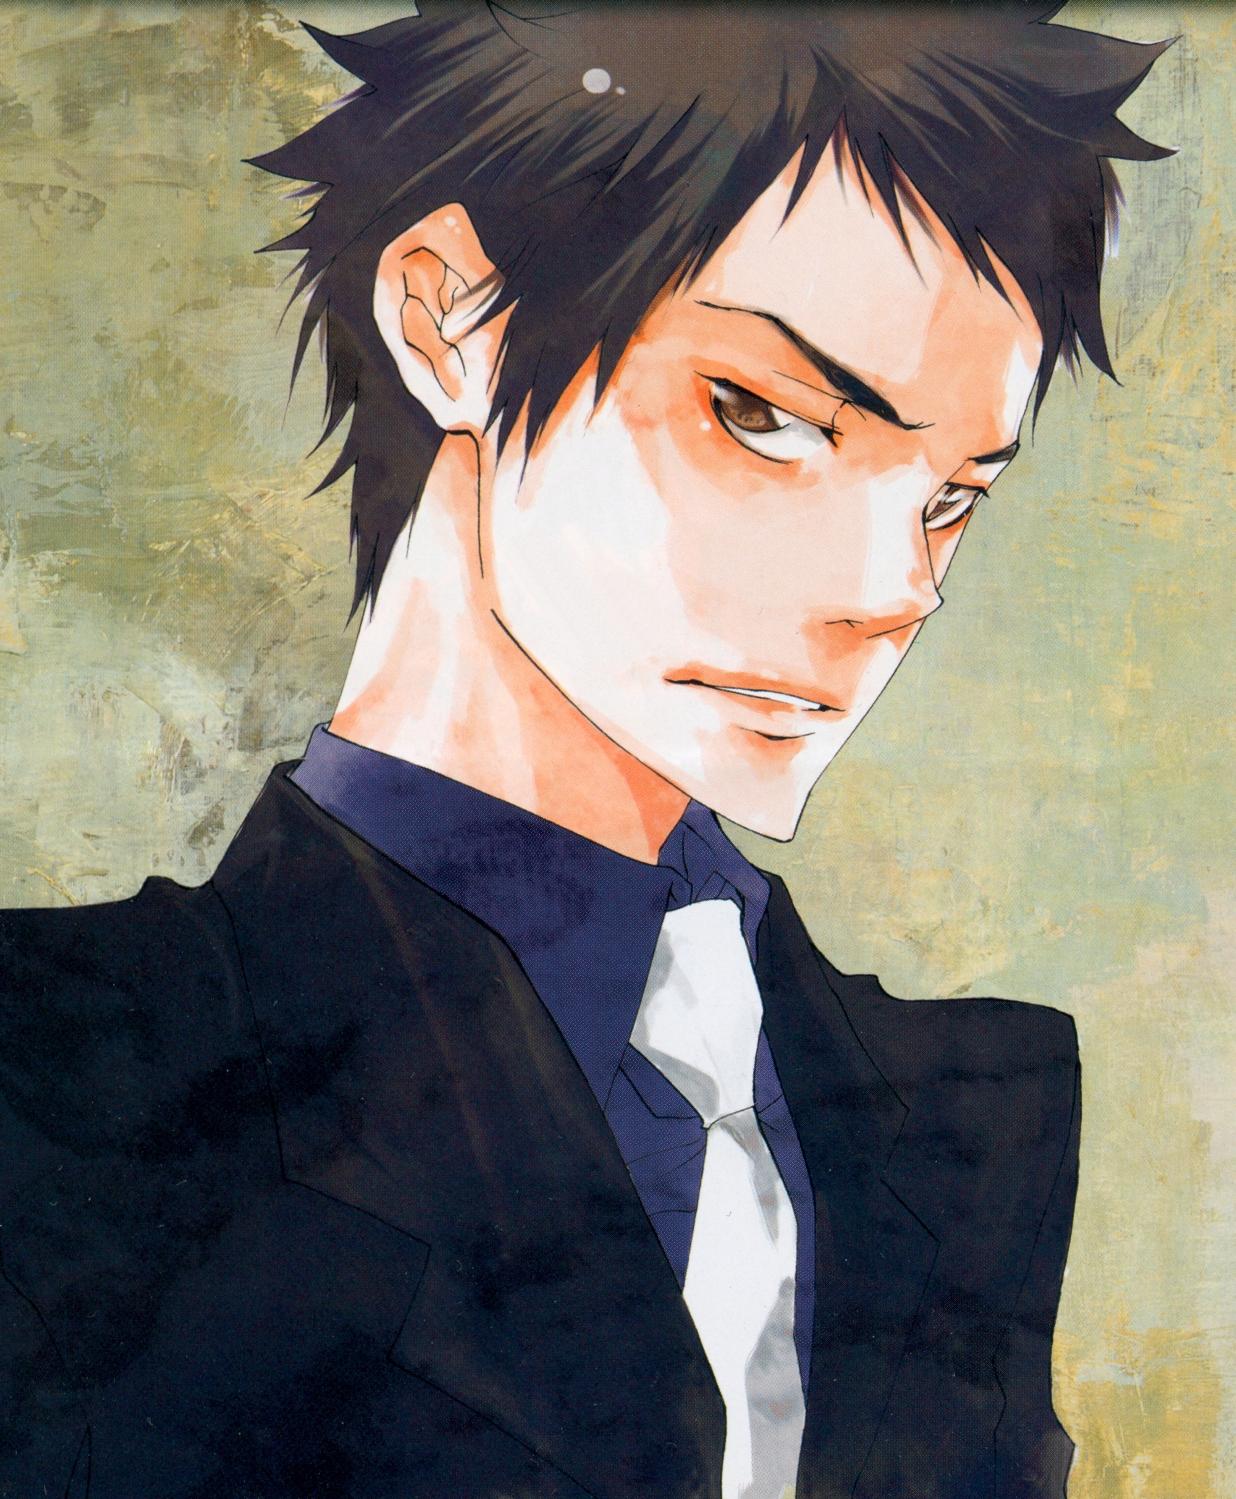 Yamamoto Takeshi - Katekyo Hitman REBORN! - Image #360282 ...